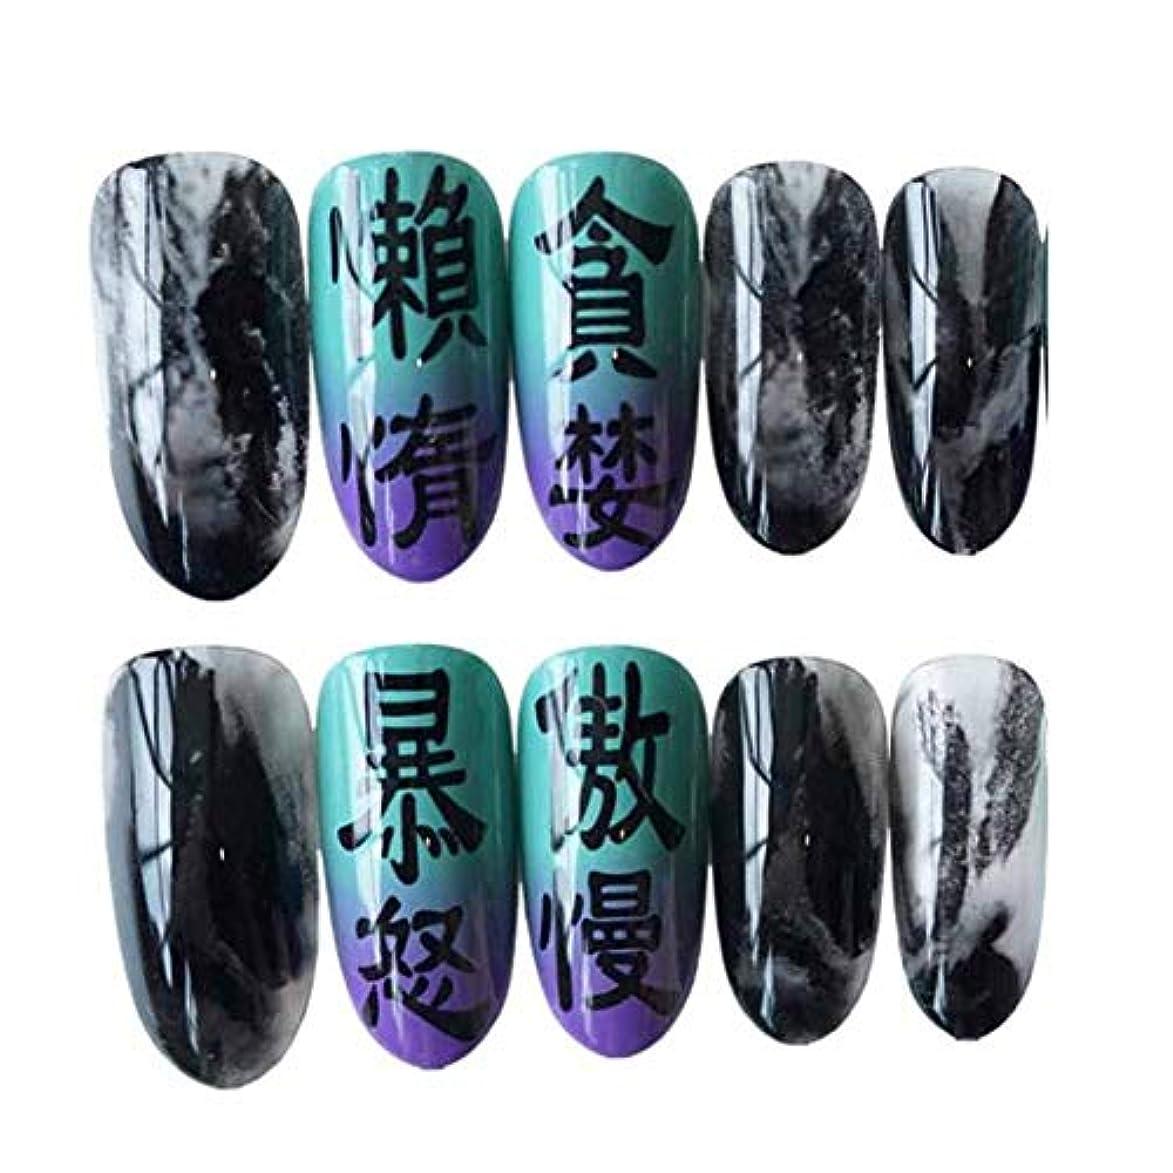 皮肉な既に累計嫉妬 - 紫/黒のシャープな偽の指爪人工的な偽の爪のヒント暗い